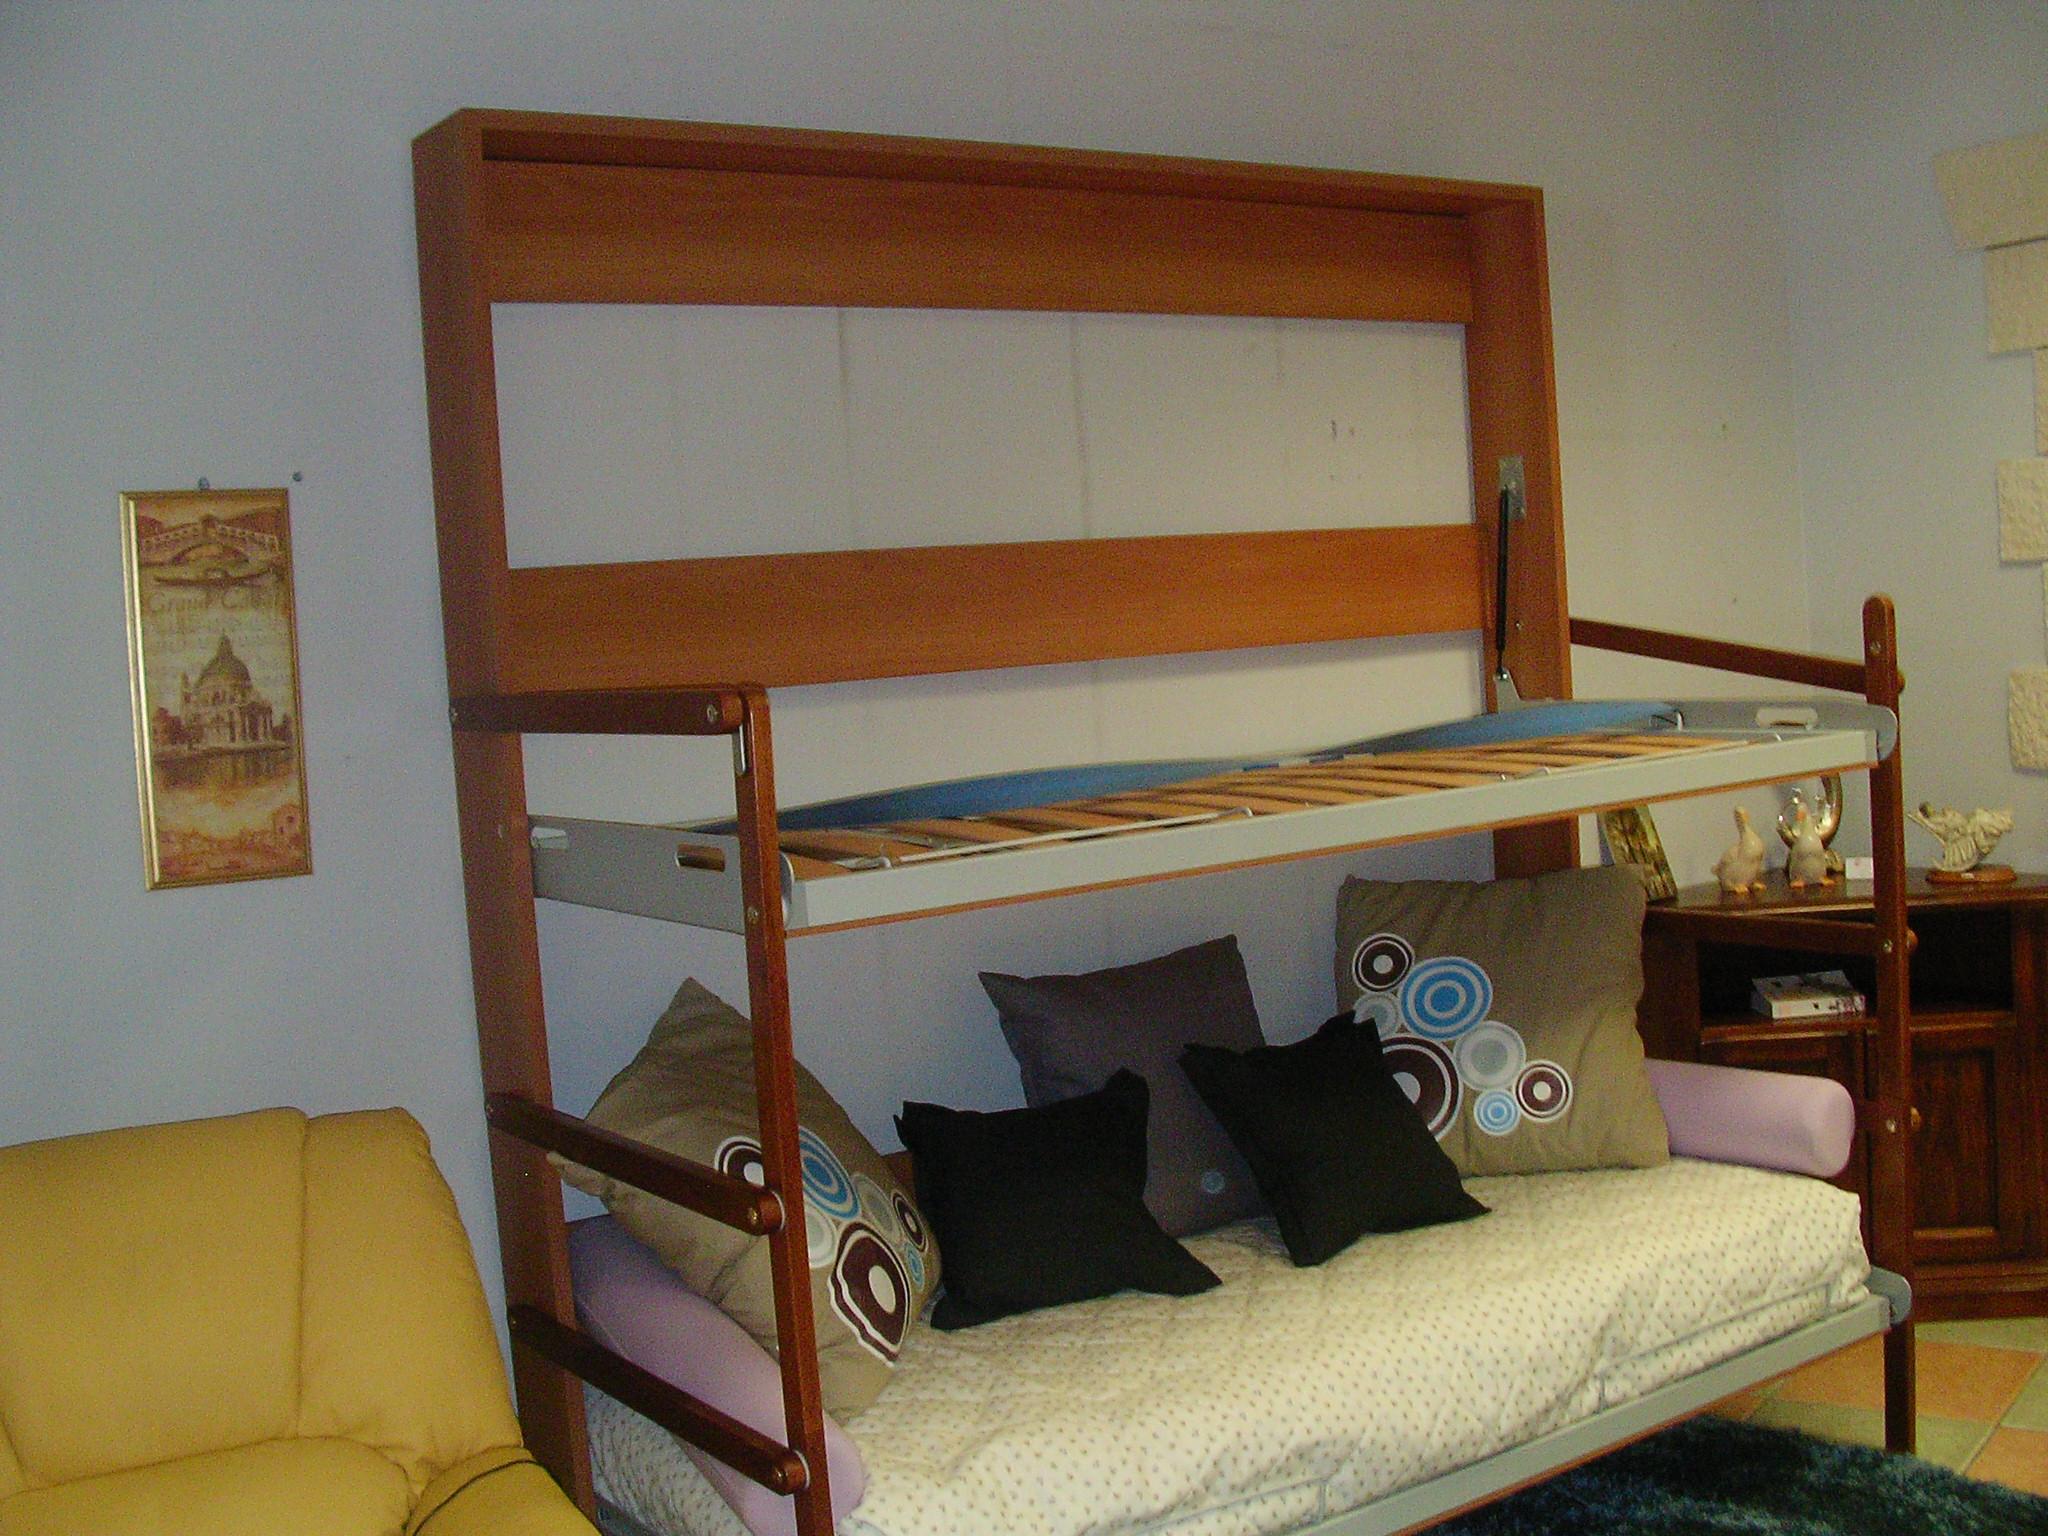 Costruire Un Letto In Legno Massello : Costruire un letto a scomparsa. trendy come costruire un letto a